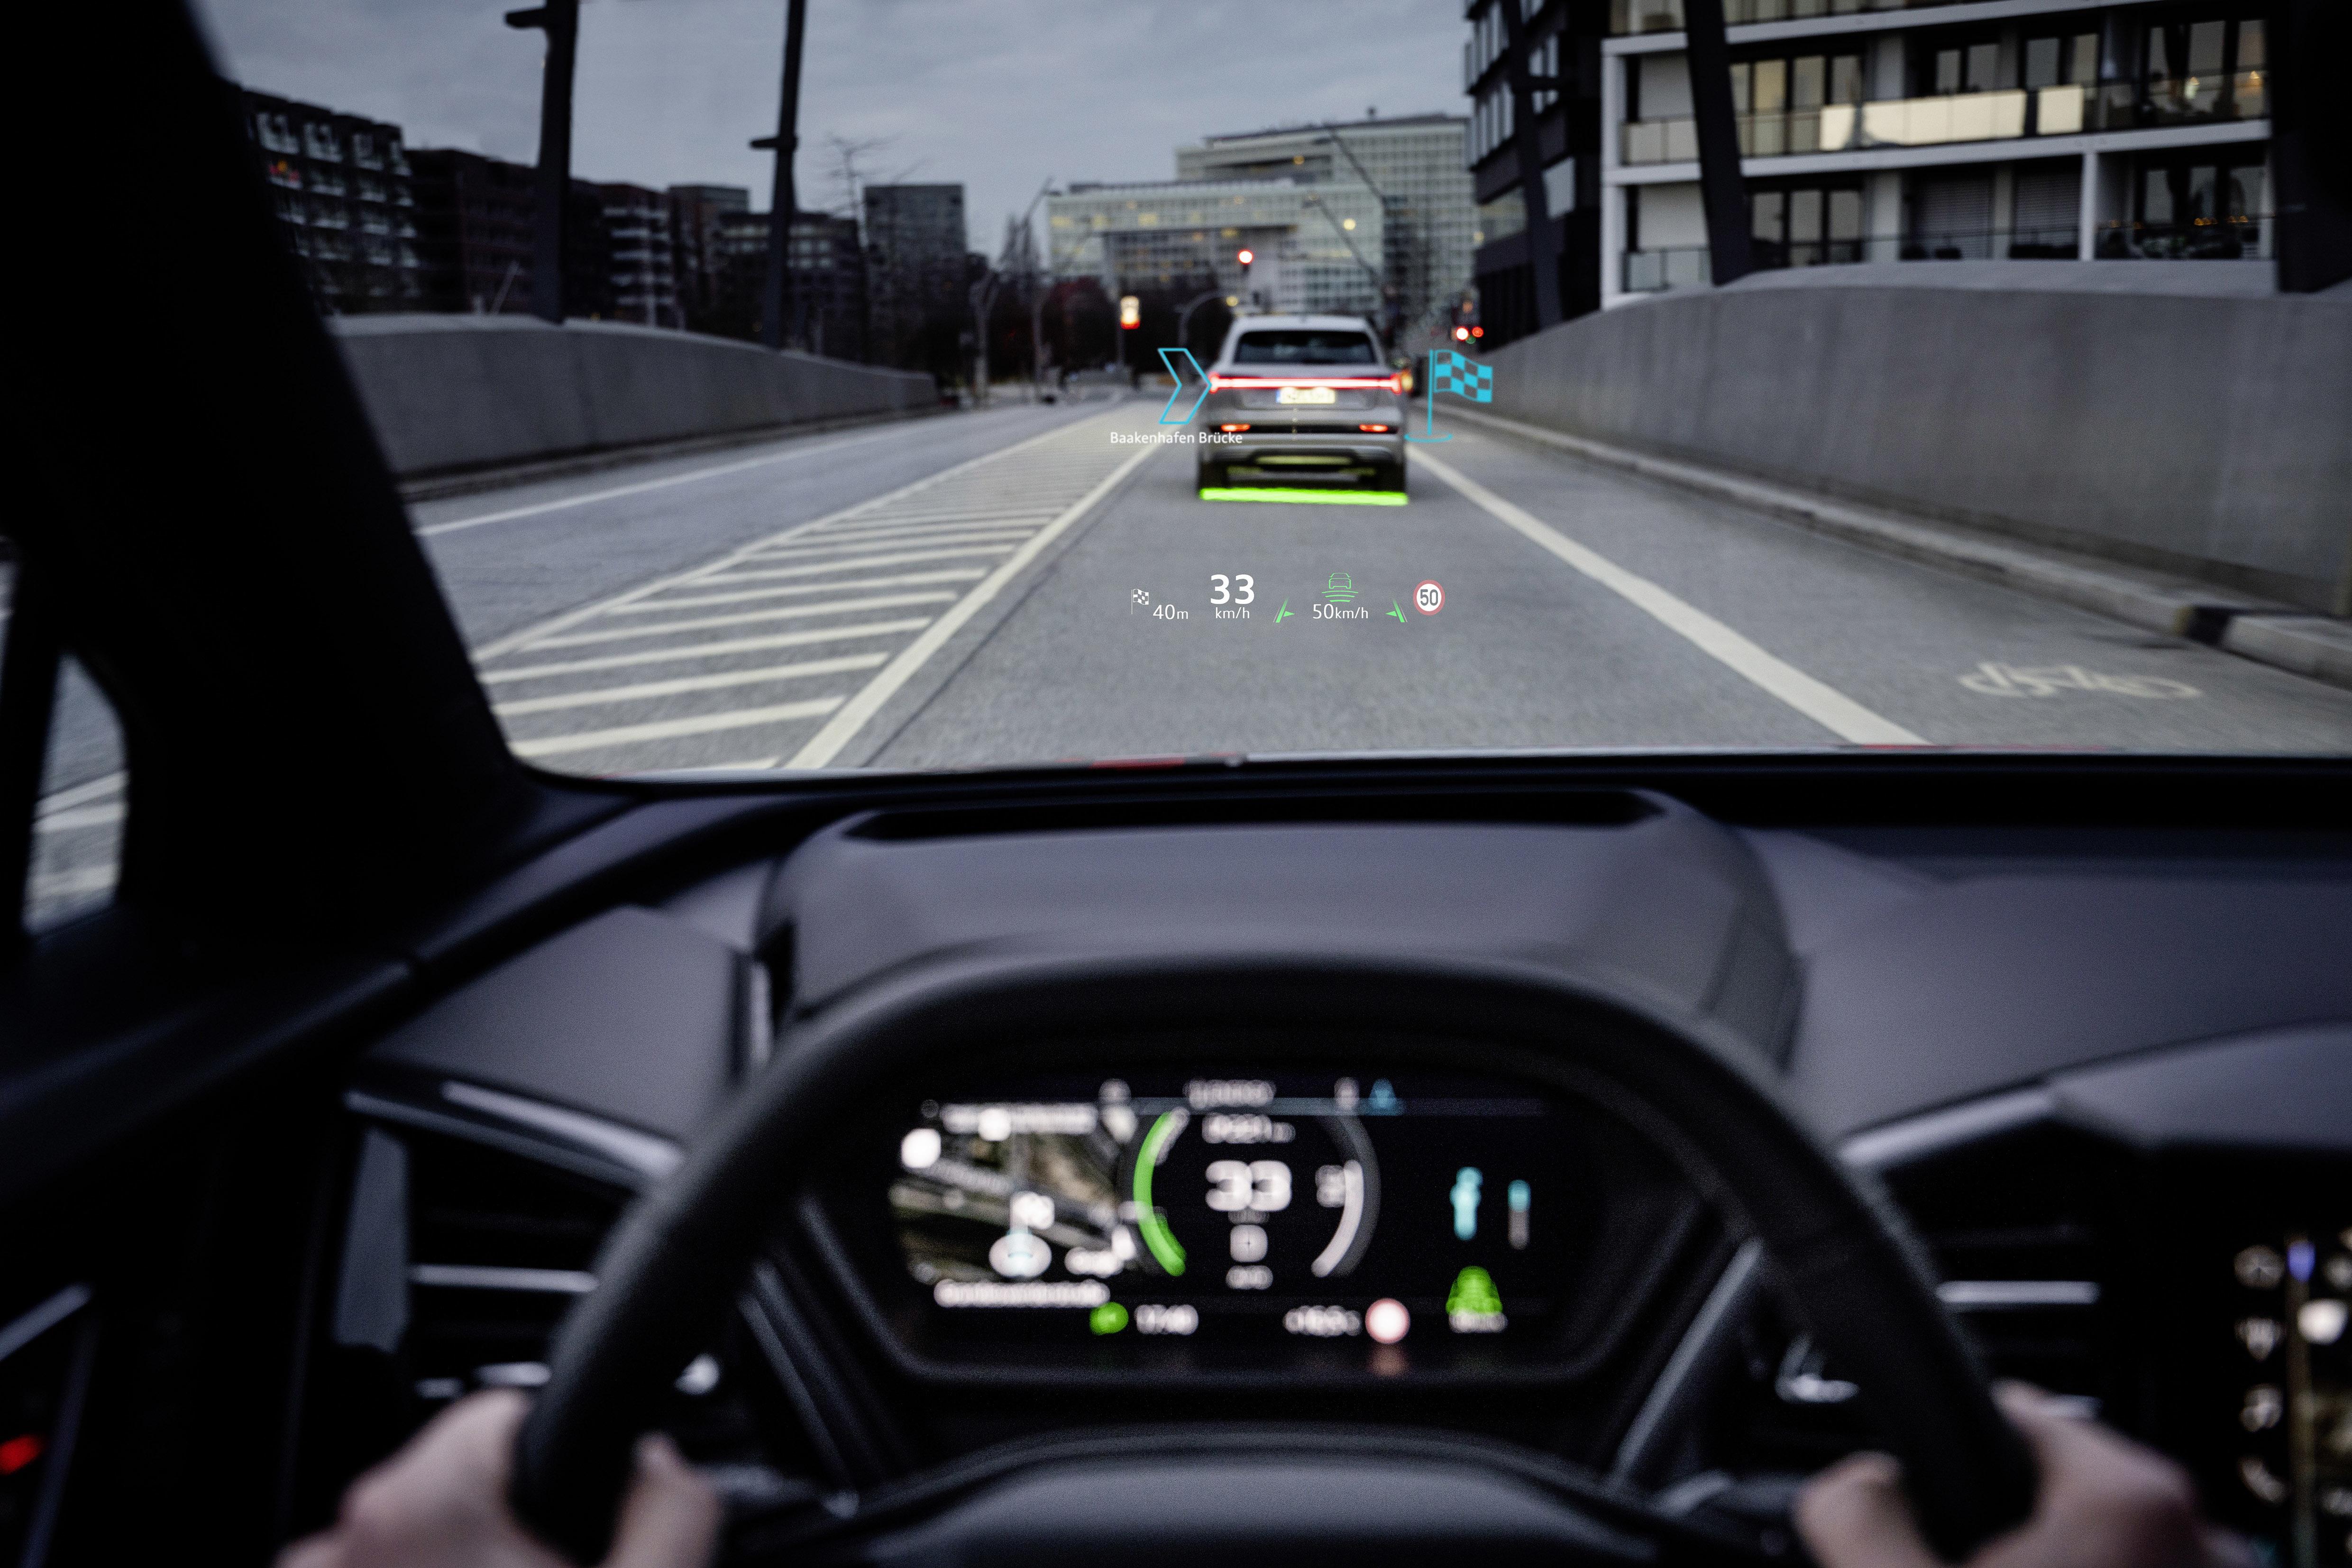 AR w Audi Q4 e-tron - tak wygląda przyszłość nawigacji